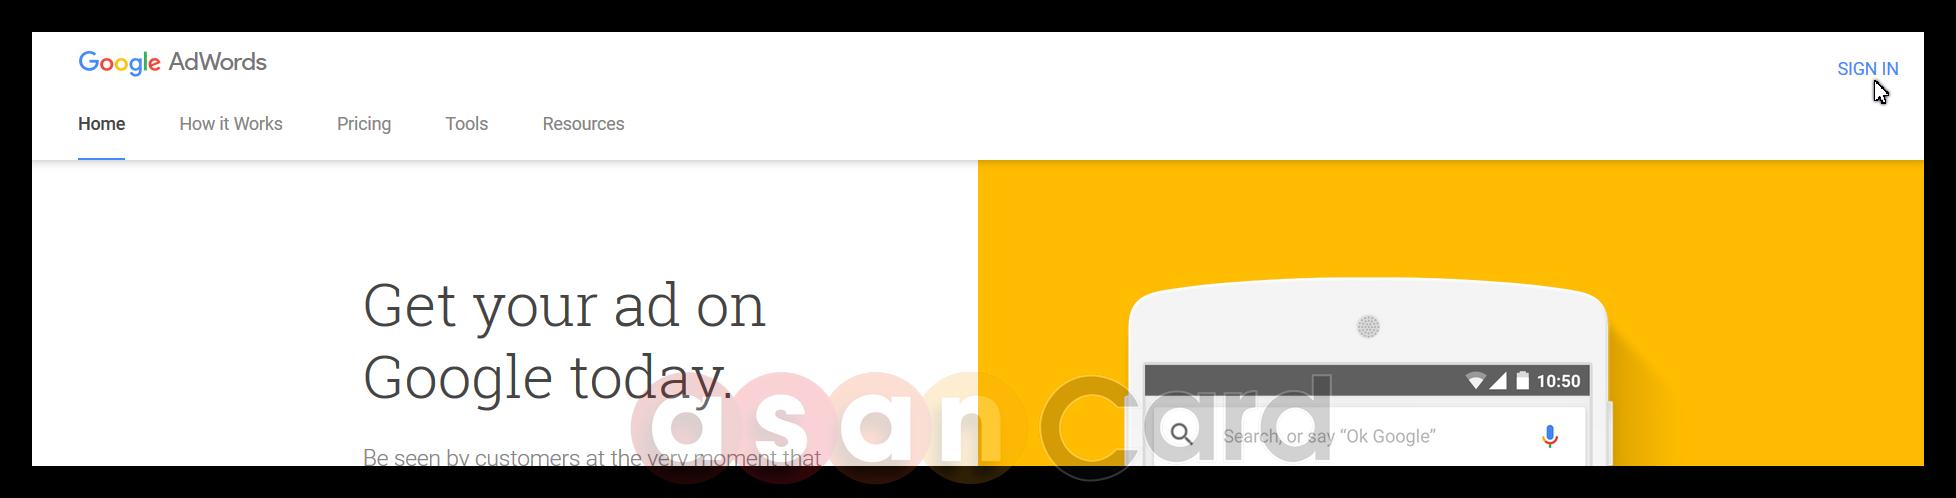 آموزش کامل تنظیمات گوگل ادوردز | آسان کارت